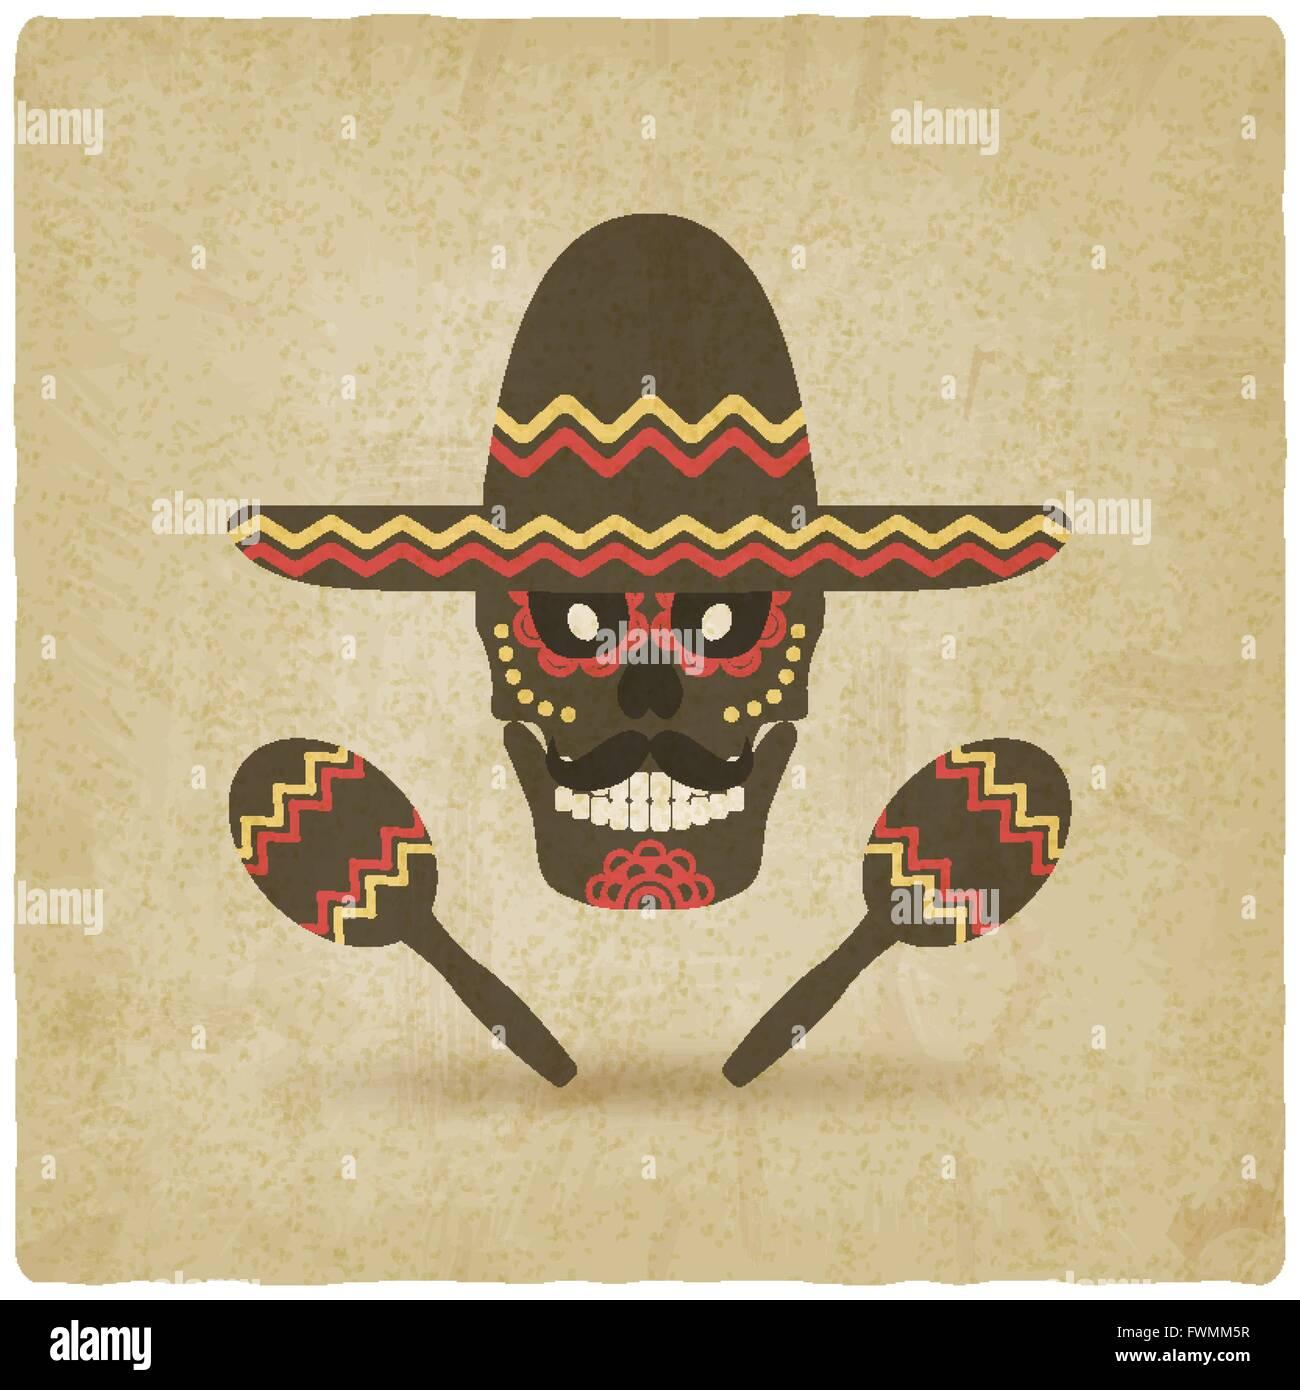 Day Dead Sugar Skull Illustration Stockfotos & Day Dead Sugar Skull ...